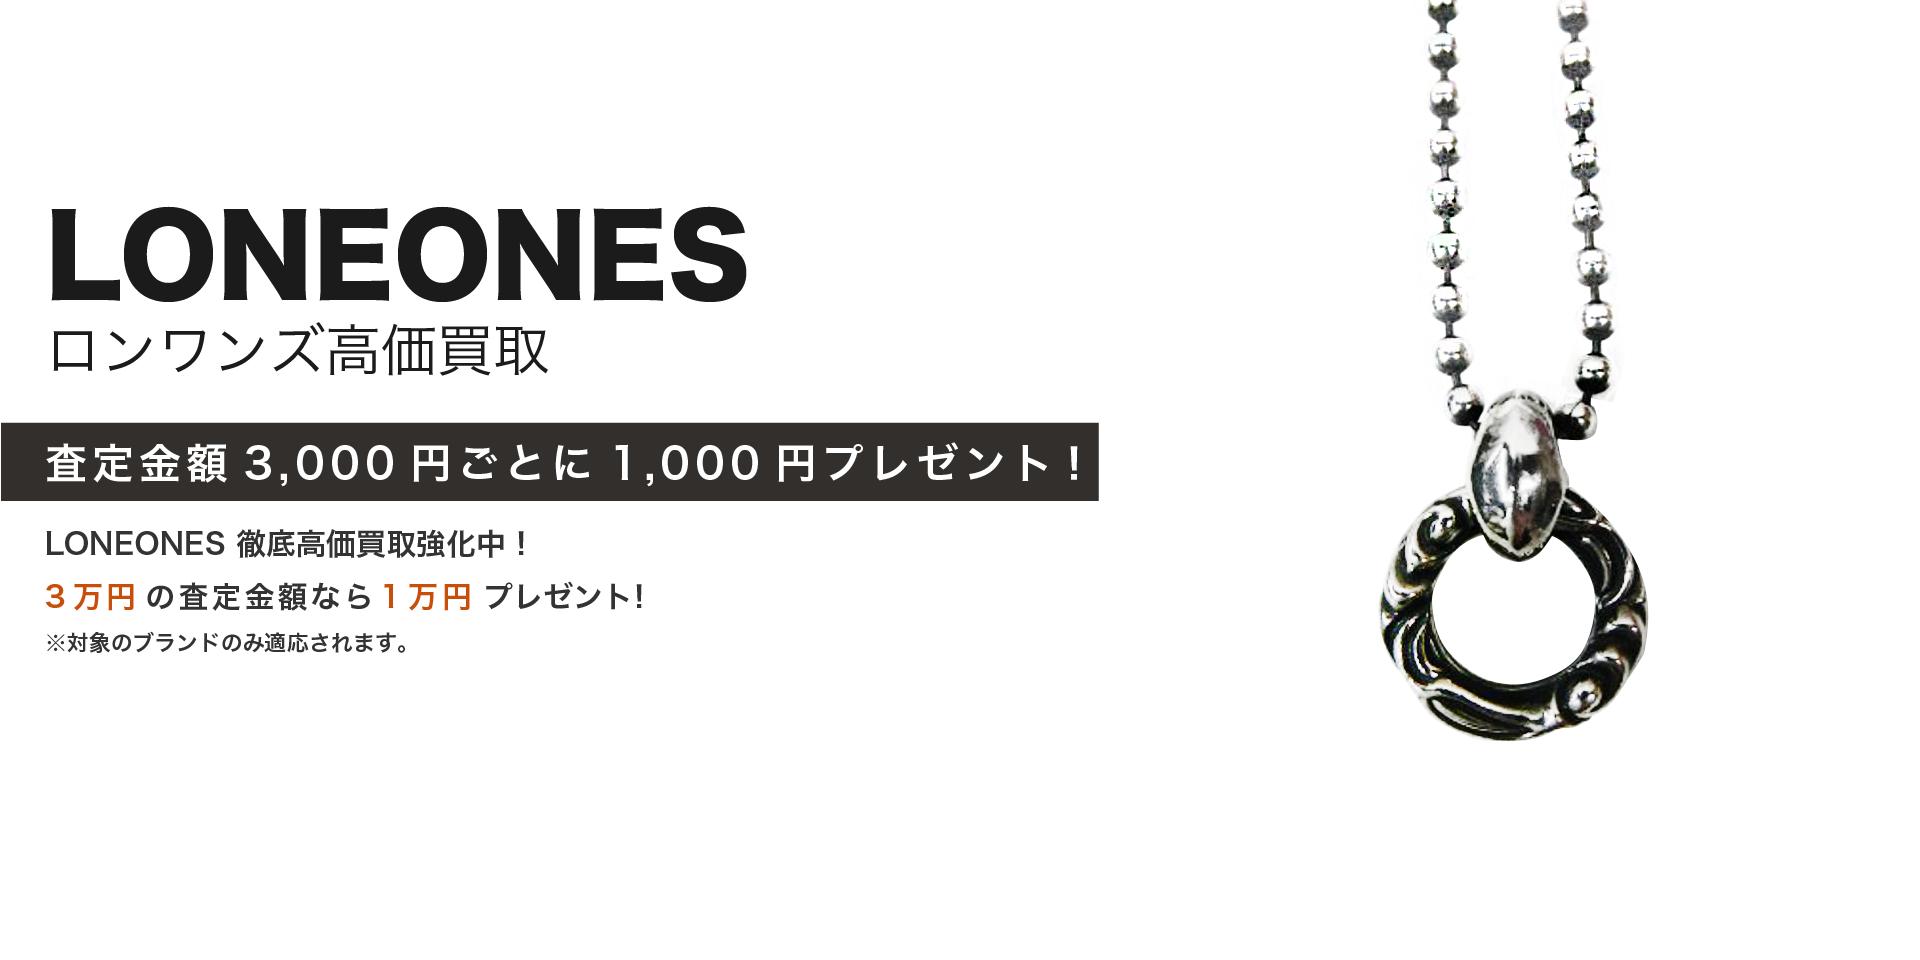 LONEONESのキービジュアル